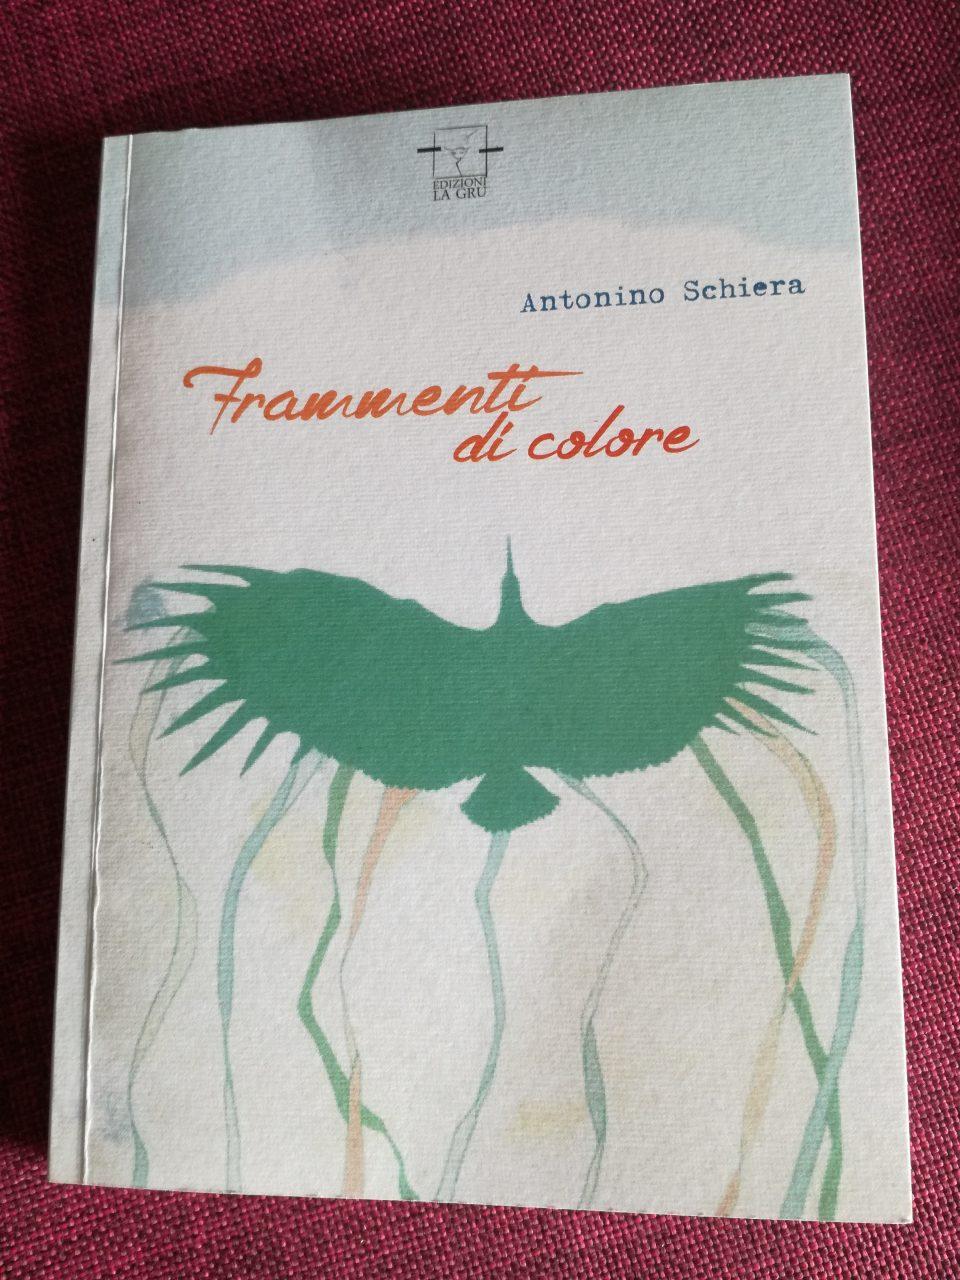 Frammenti di colore di Antonino Schiera